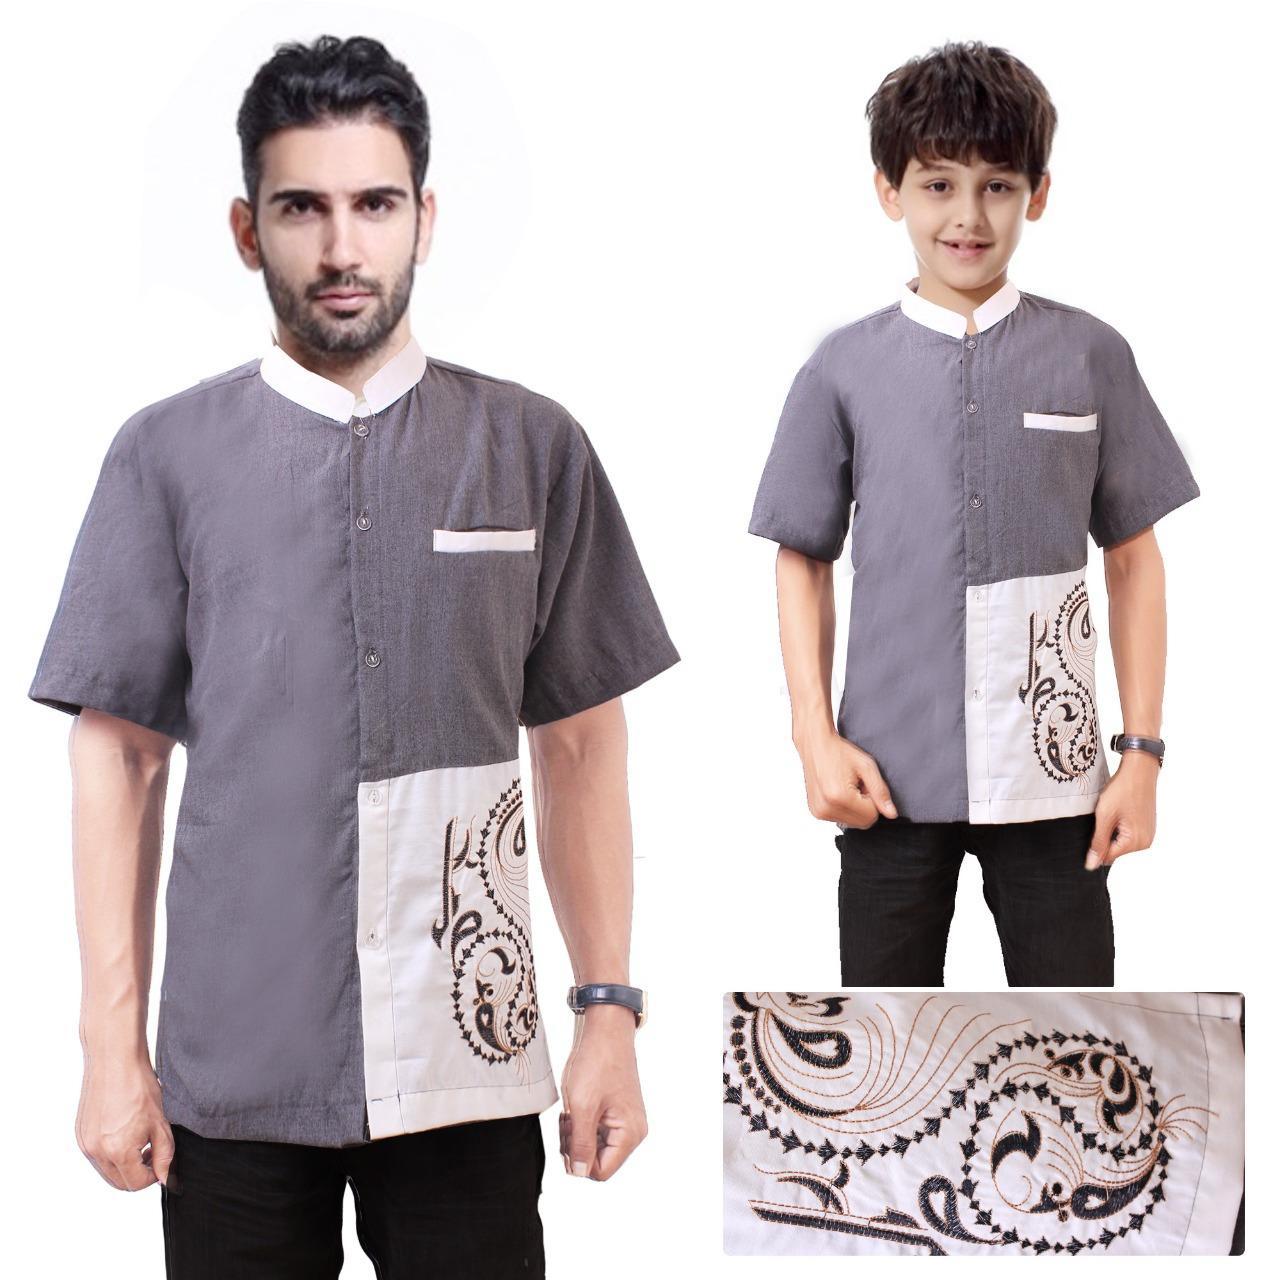 168 Collection Baju Koko Remigius Kemeja Muslim Lengan Pendek ayah dan anak